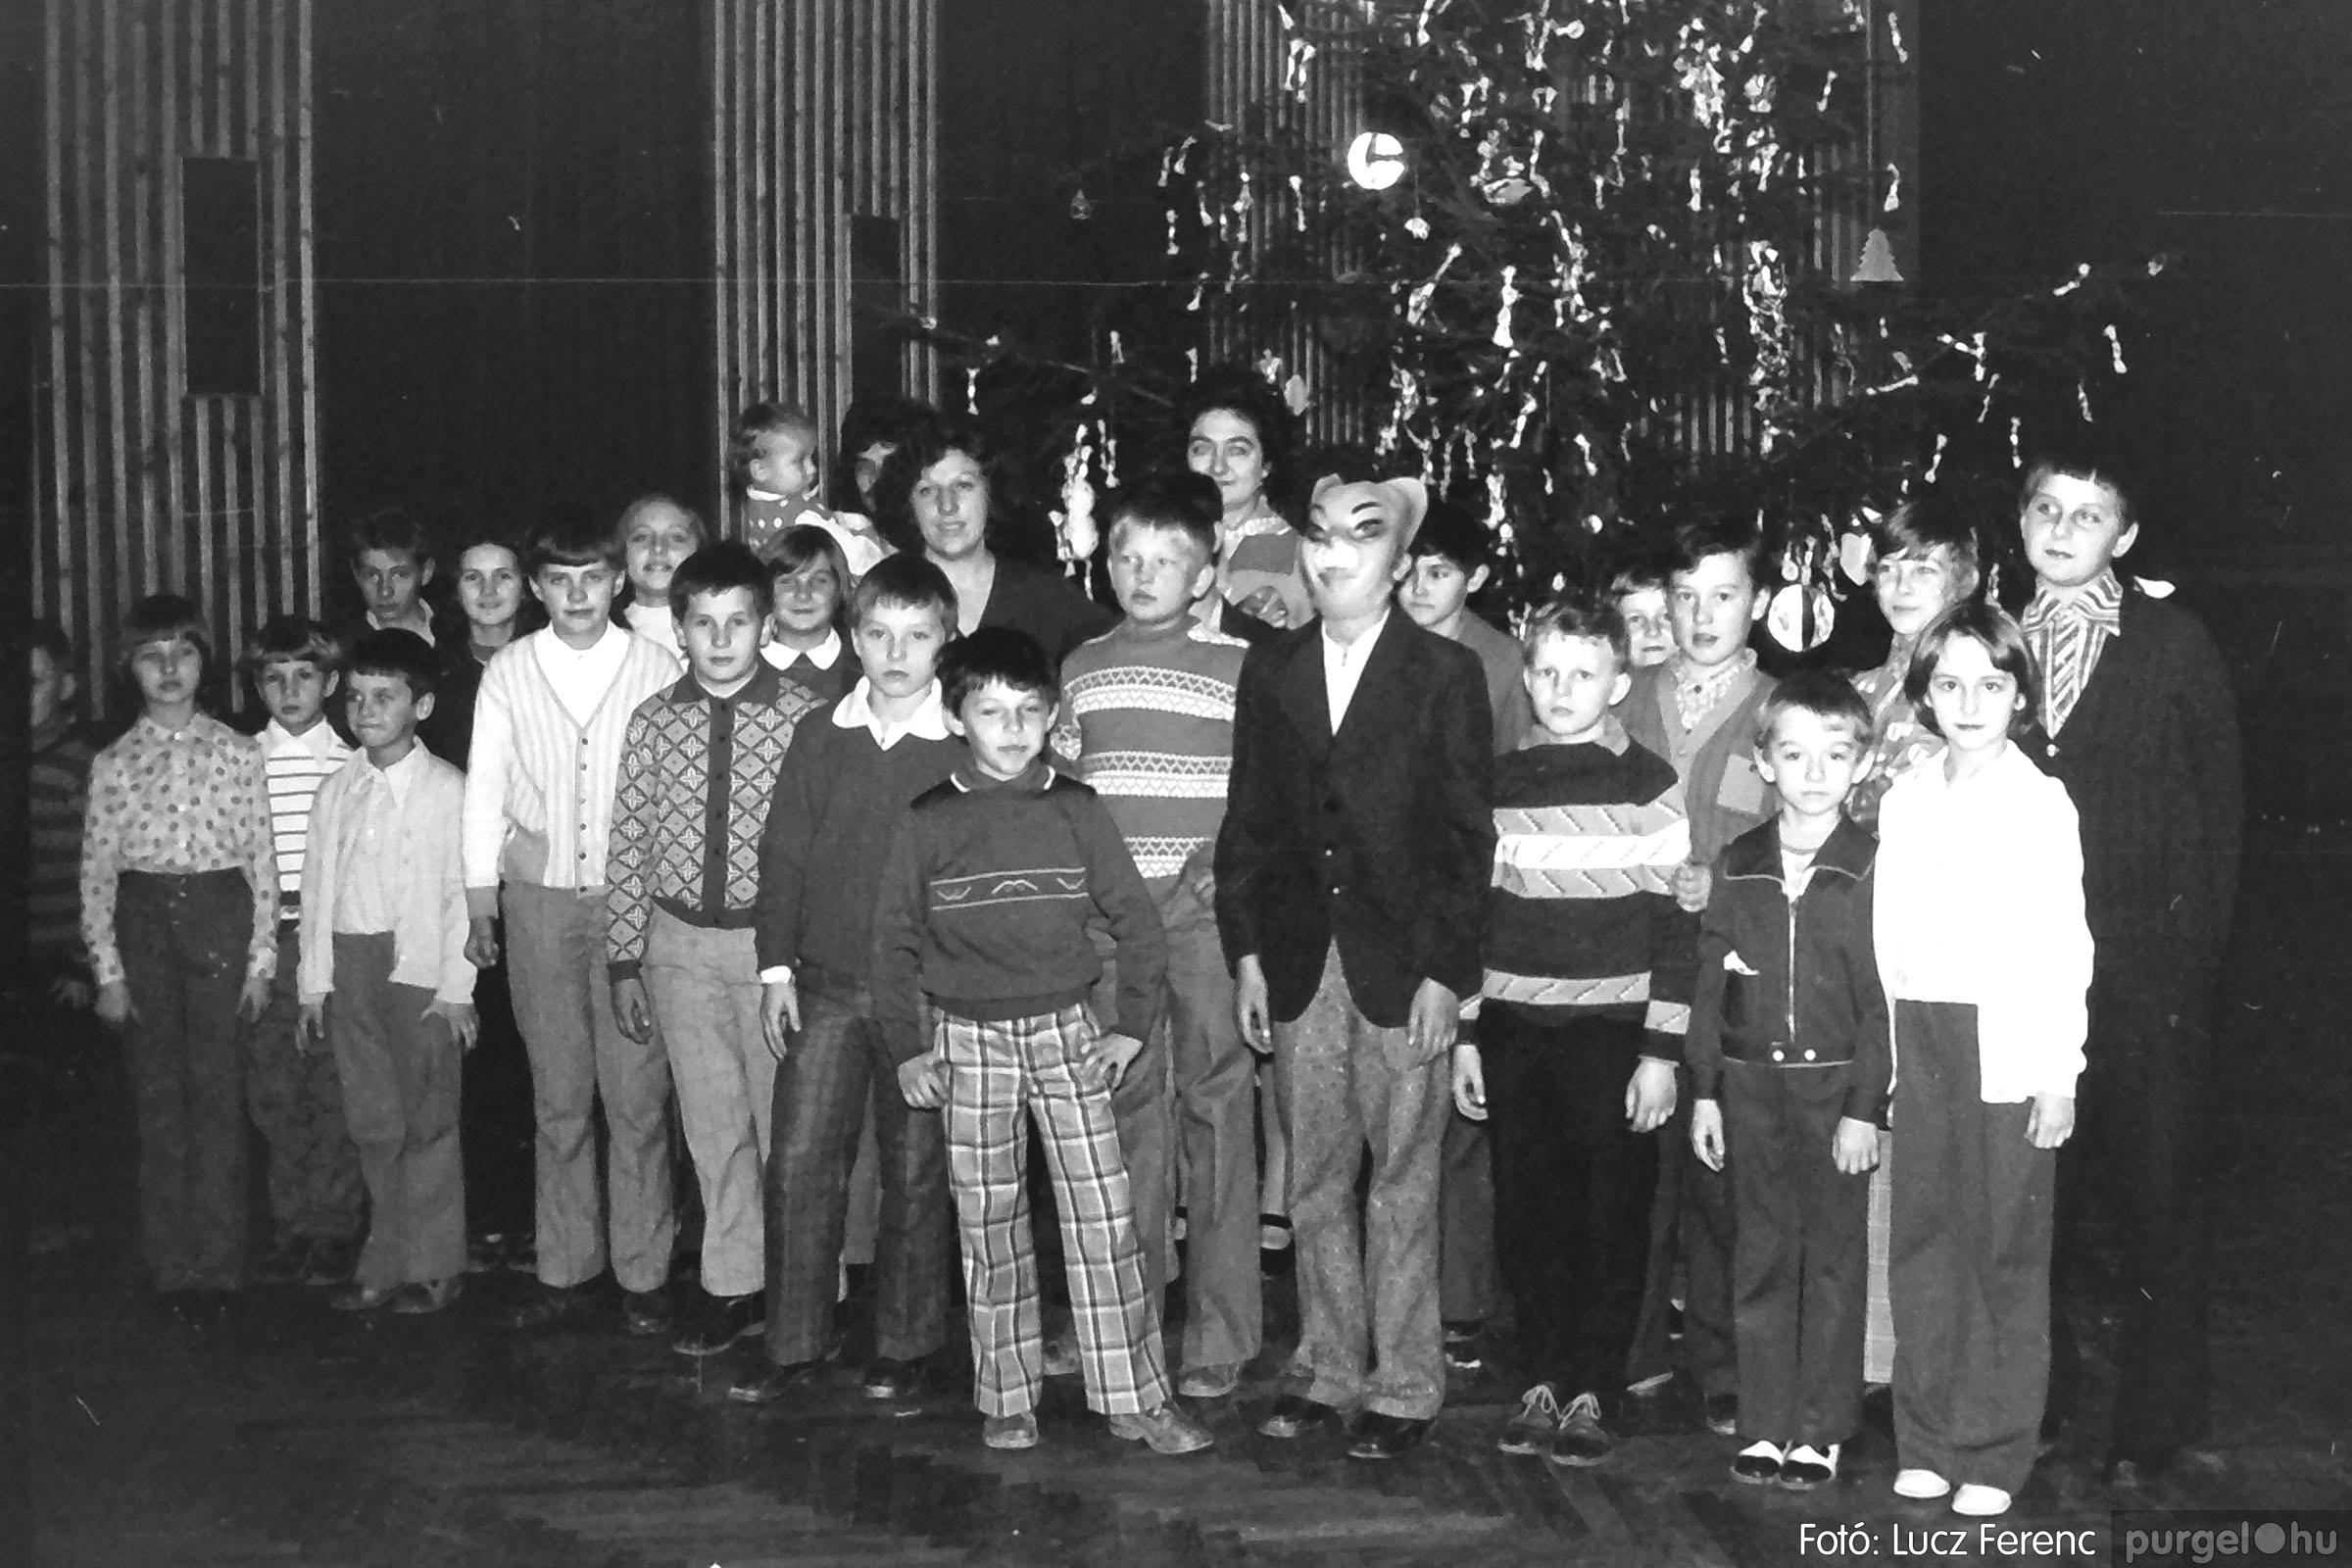 029 1975. Karácsonyi ünnepség a kultúrházban 002 - Fotó: Lucz Ferenc.jpg